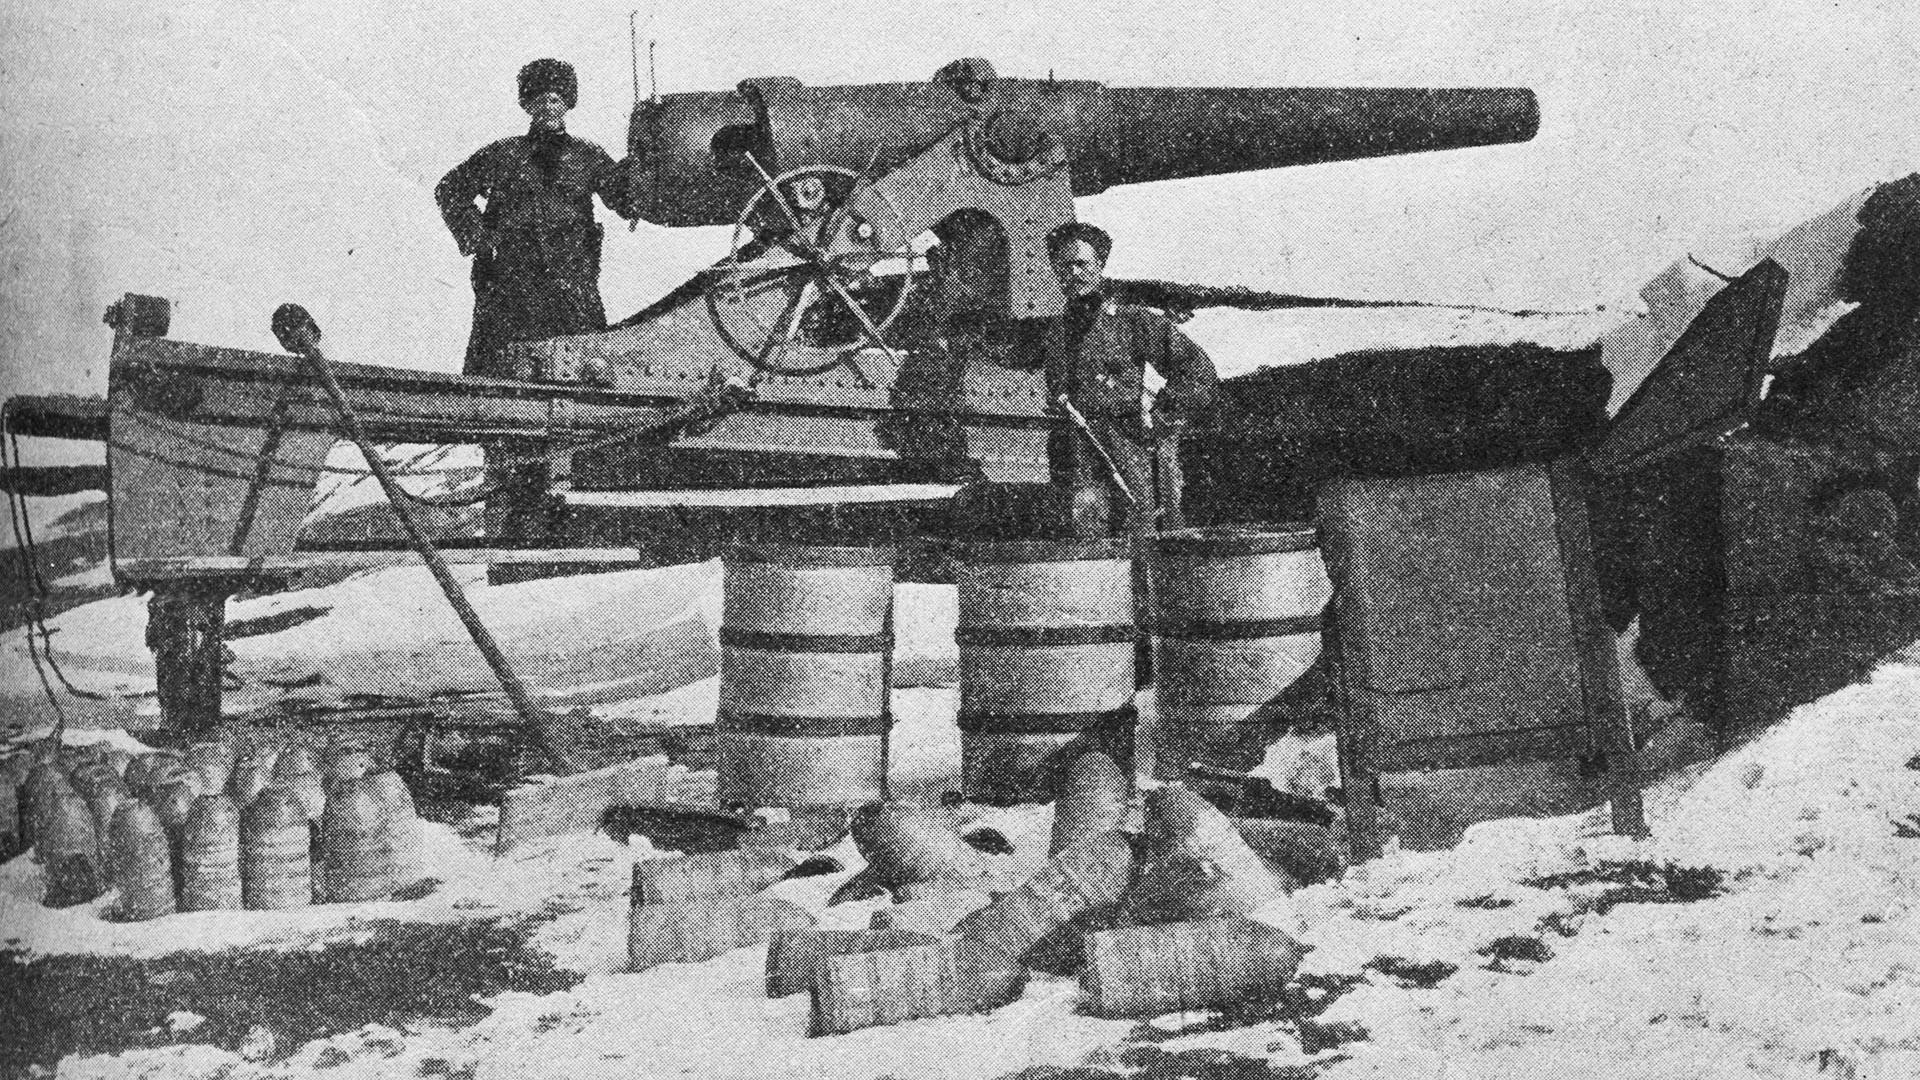 Трофејно турско оруђе у Ерзуруму који су руске трупе заузеле. Почетак 1916.